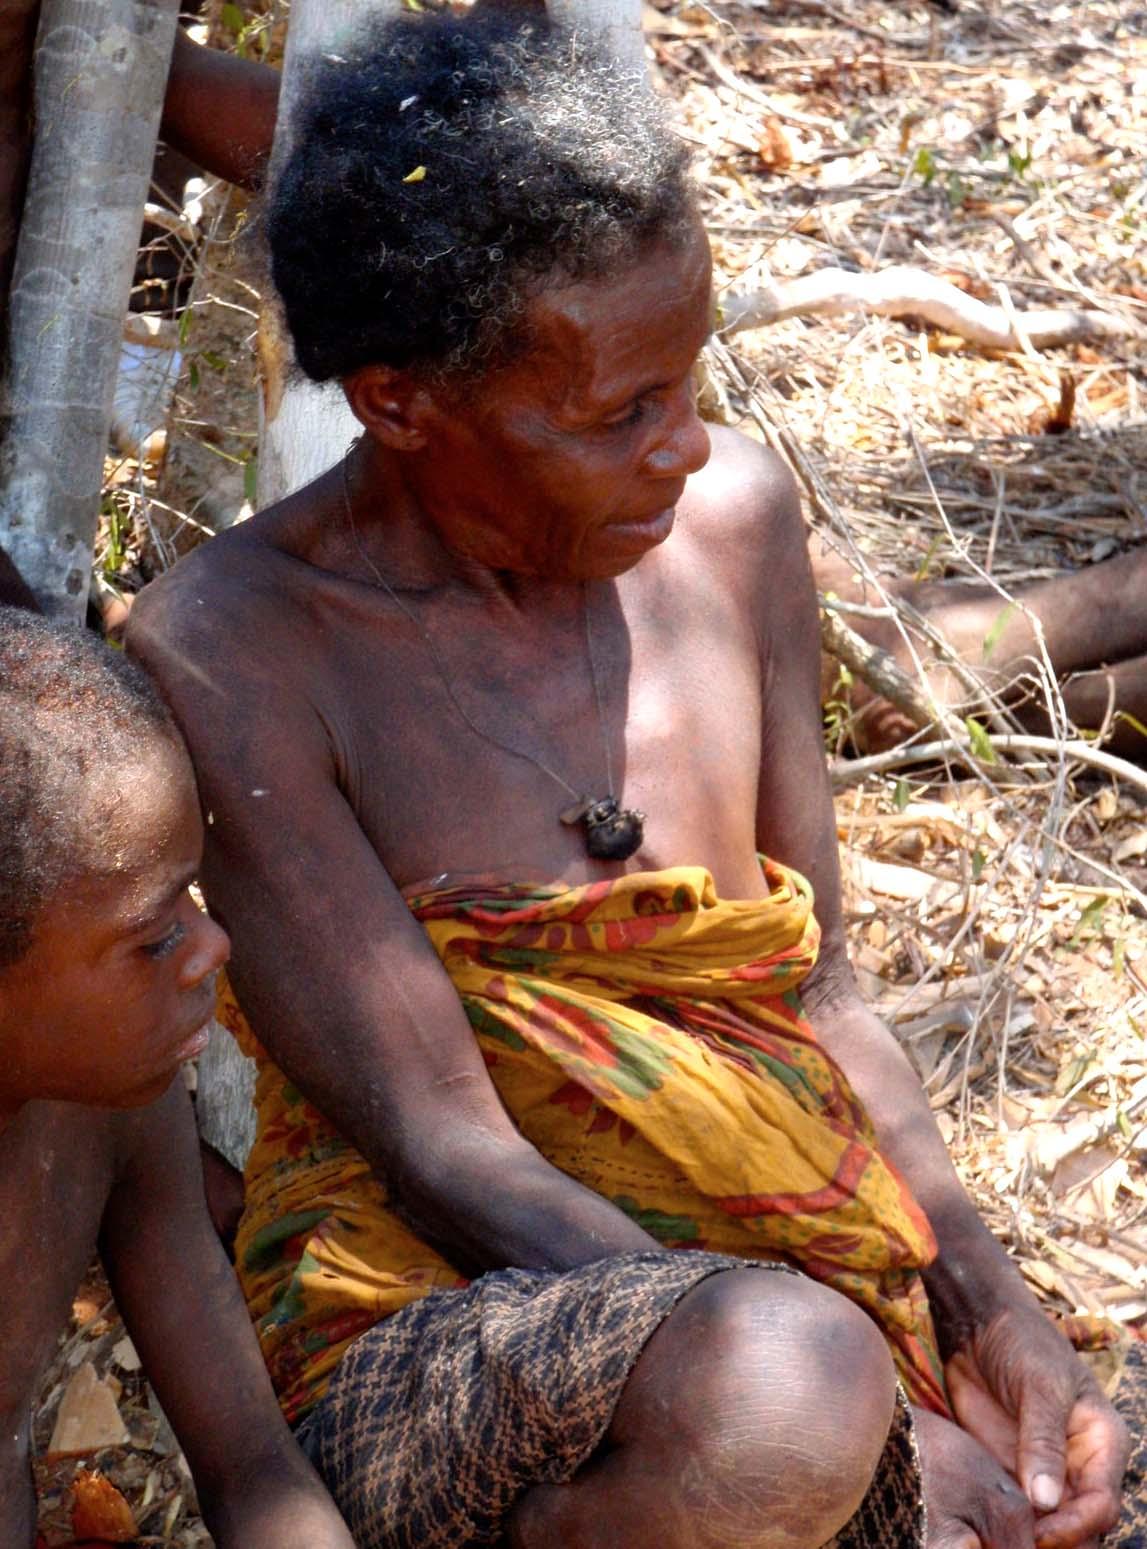 La grand mère et son petit-fils Le sourire aux lèvres en écoutant du killanga.